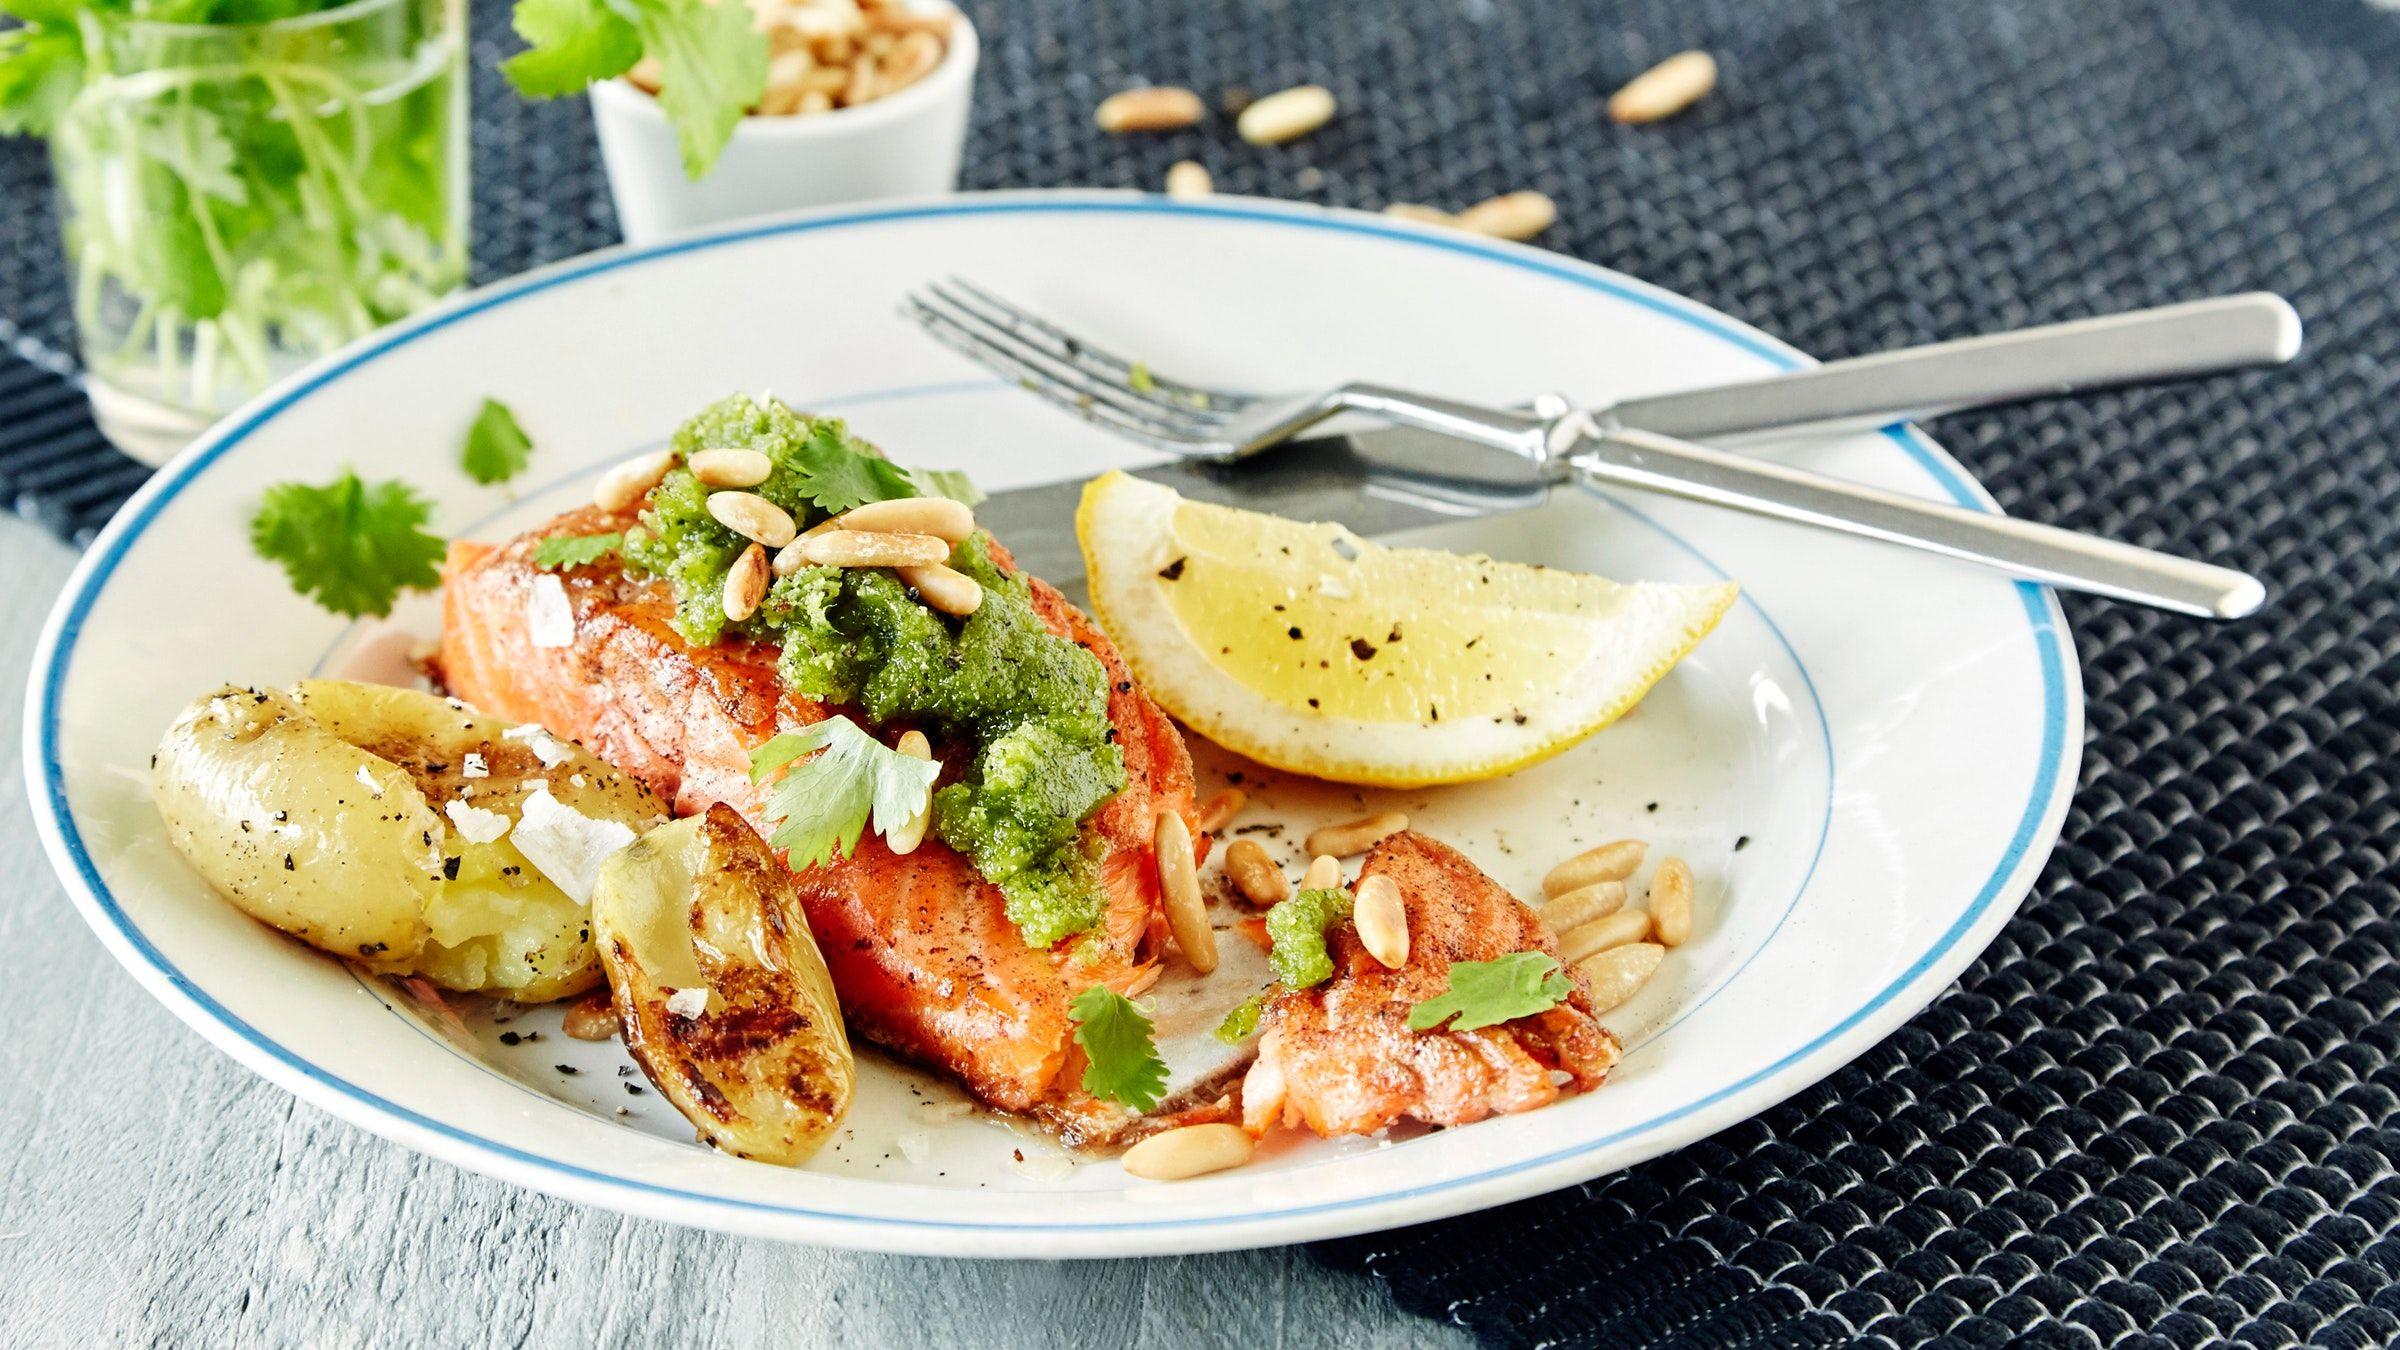 Kauniin vihreä korianteripesto valmistuu helposti ja maistuu ihanalta kalan kanssa. Kokeile myös leivän päällä tai pastakastikkeena. Resepti noin 3,70 €/annos*.